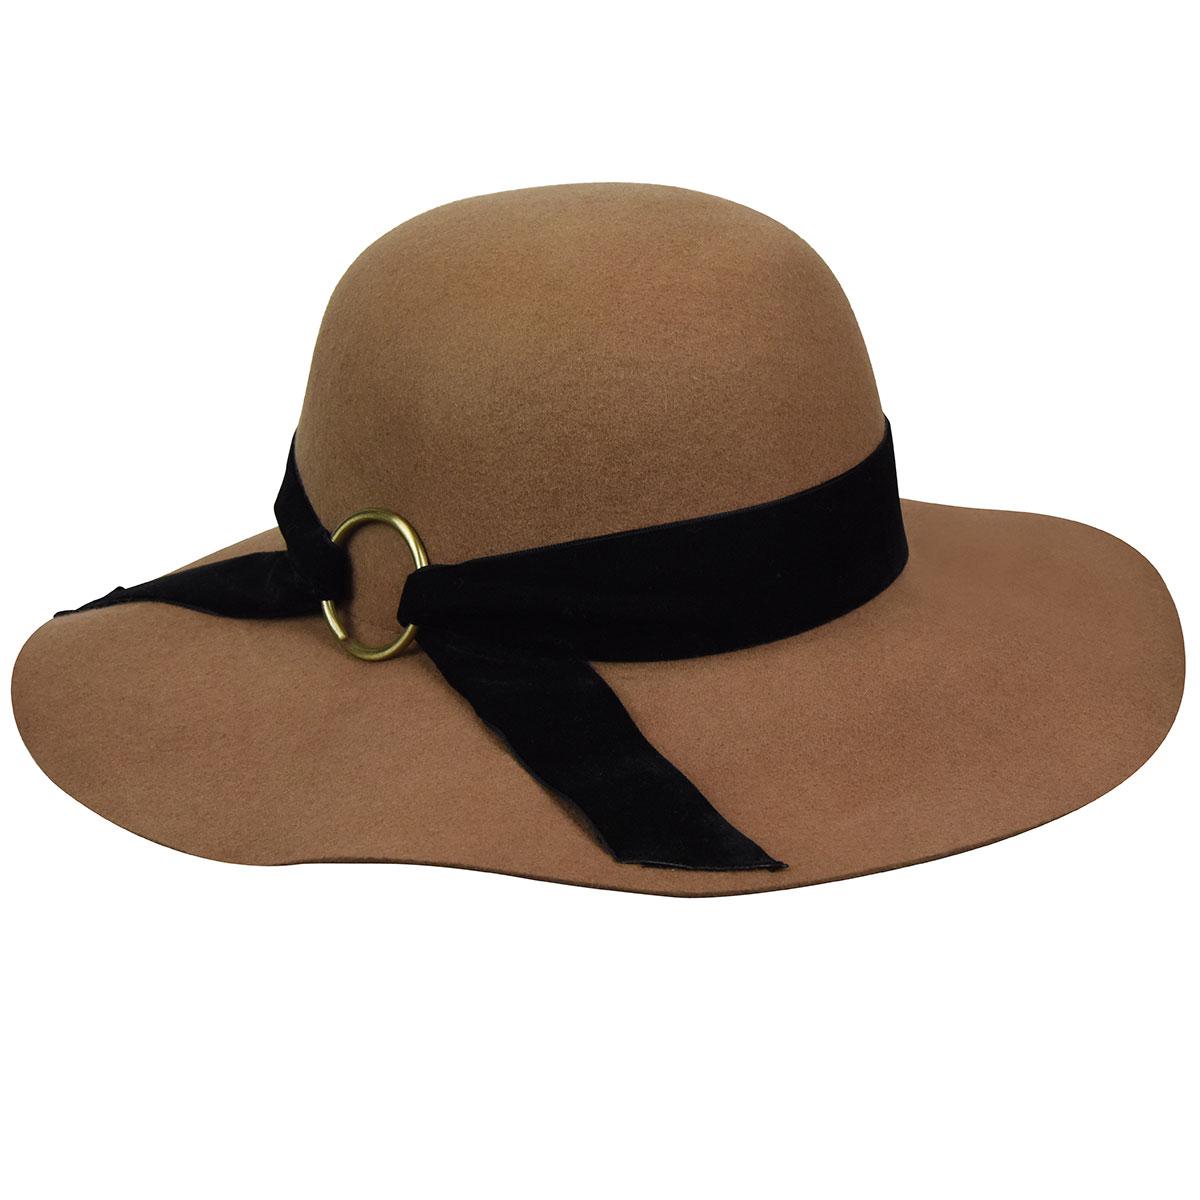 Hippie Costumes, Hippie Outfits Wharton Wide Brim Floppy Hat $64.00 AT vintagedancer.com